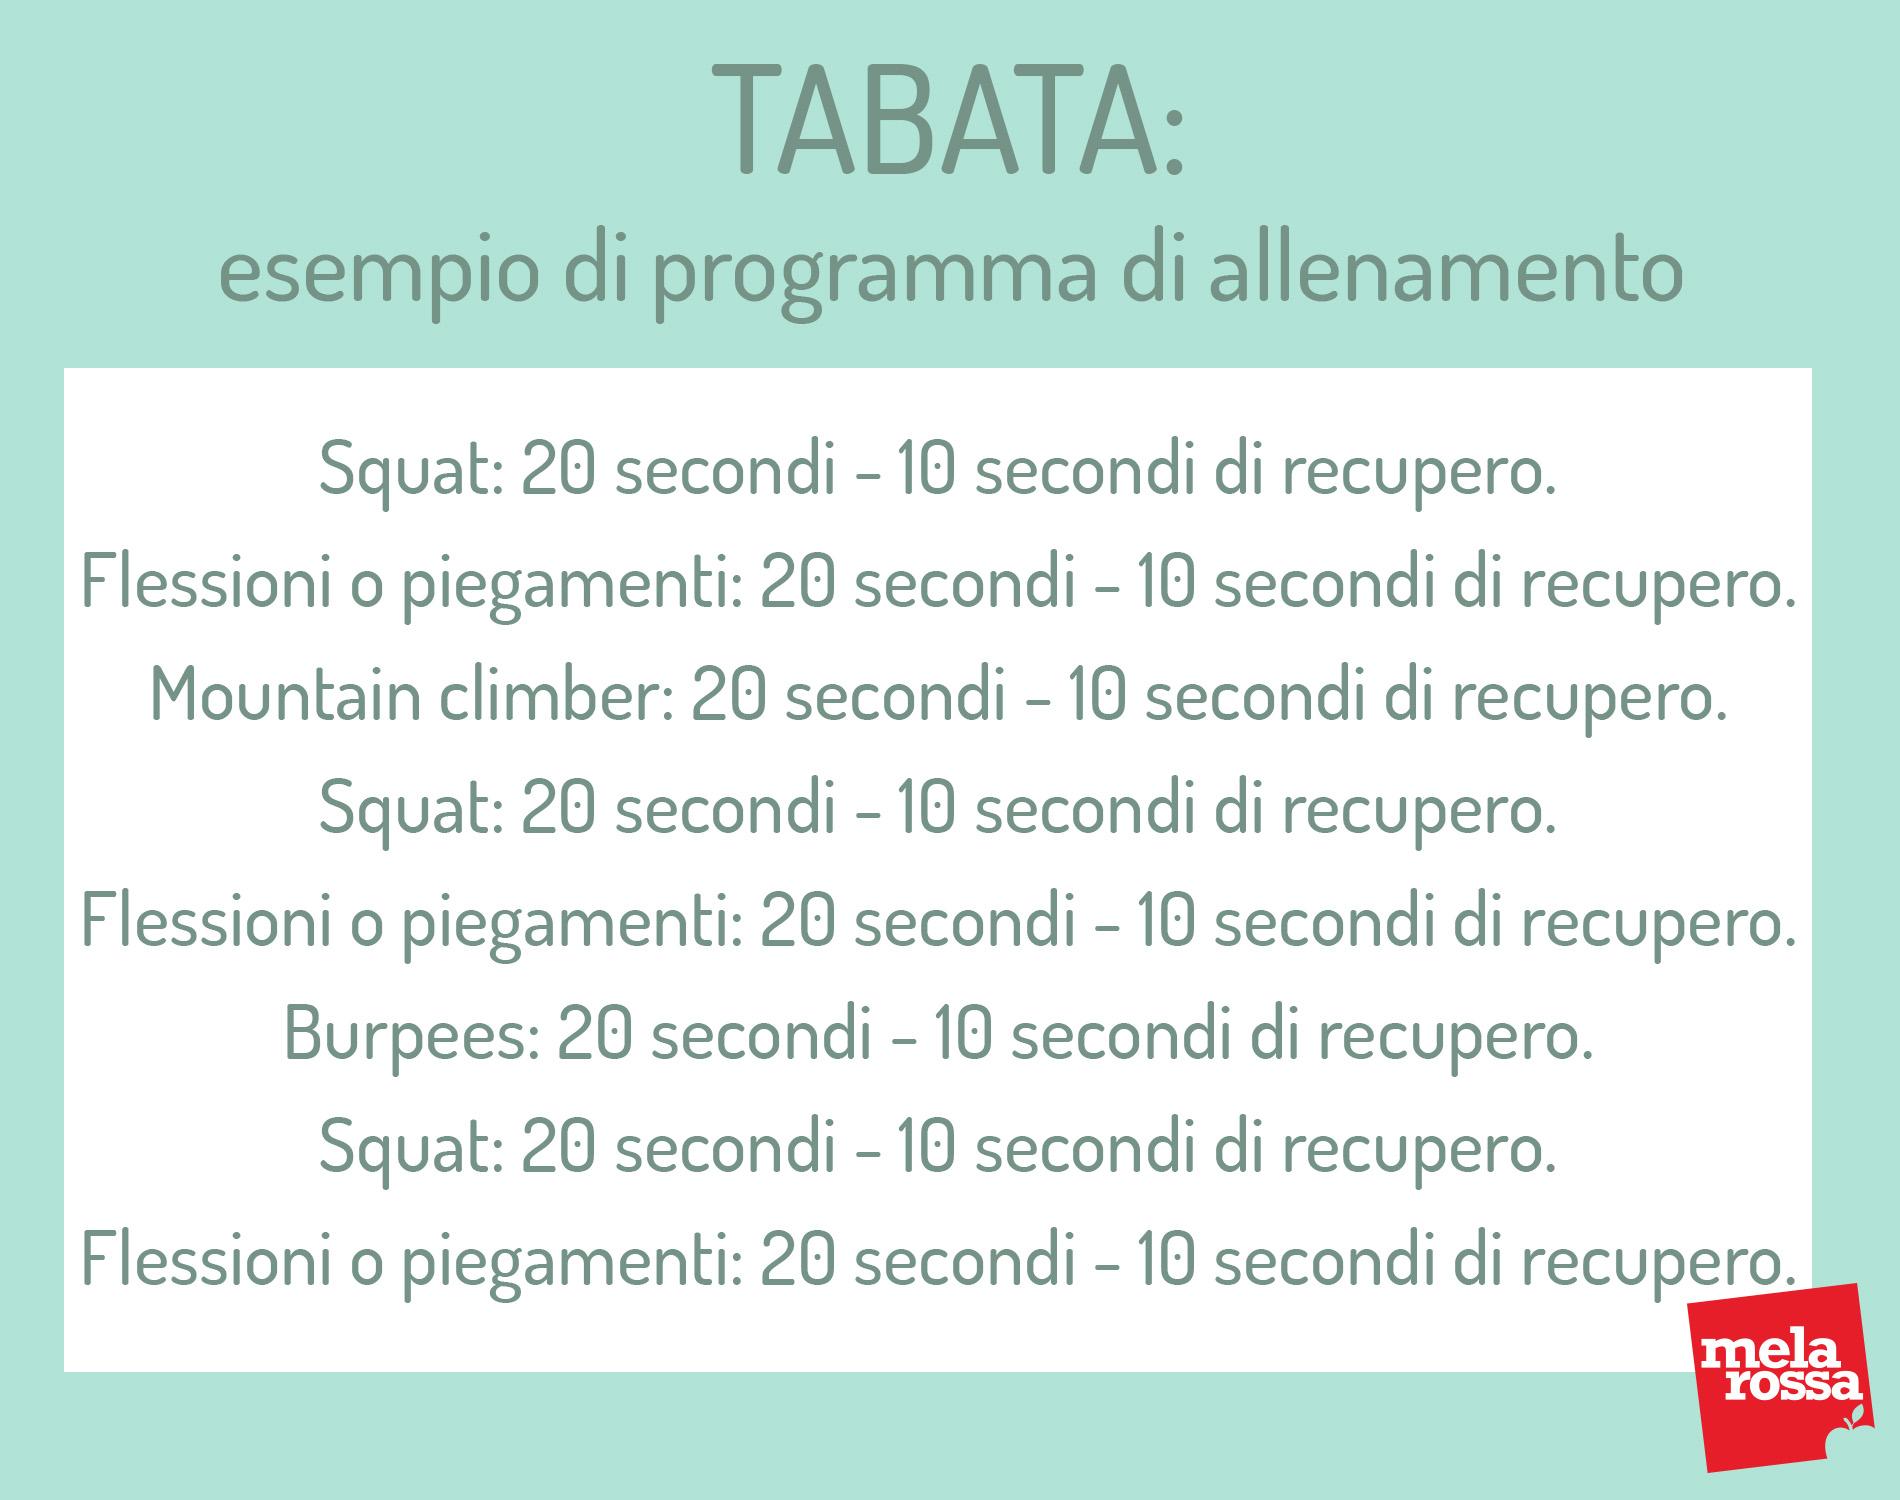 tabata: esempio di allenamento